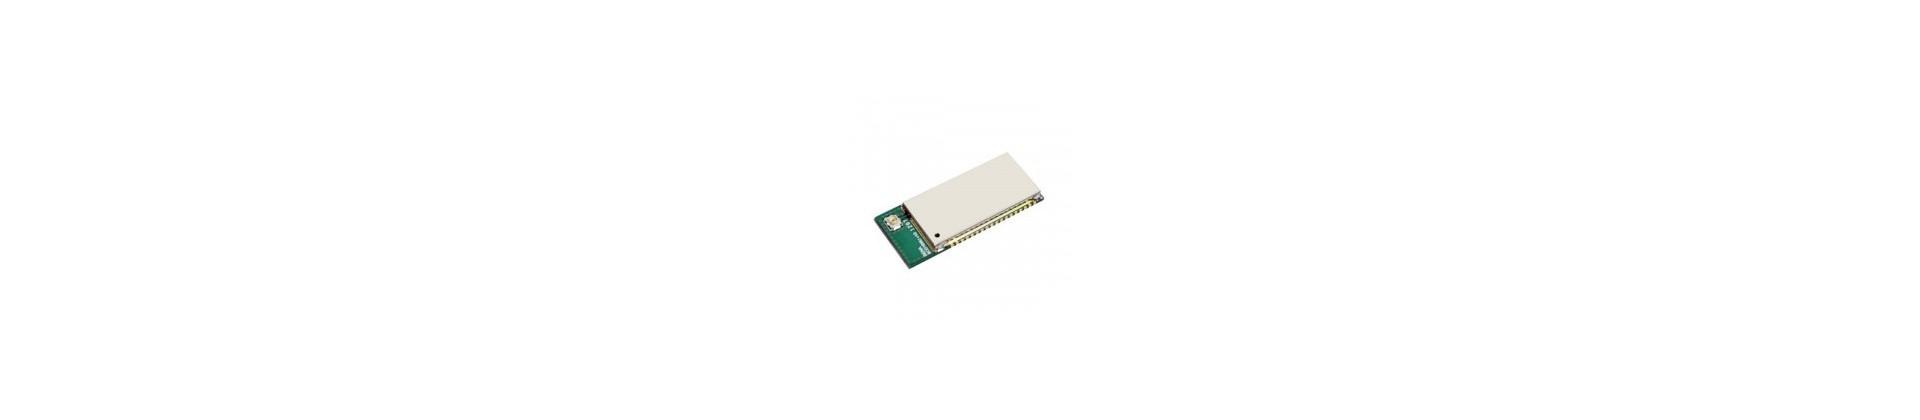 Module Bluetooth-série OEM